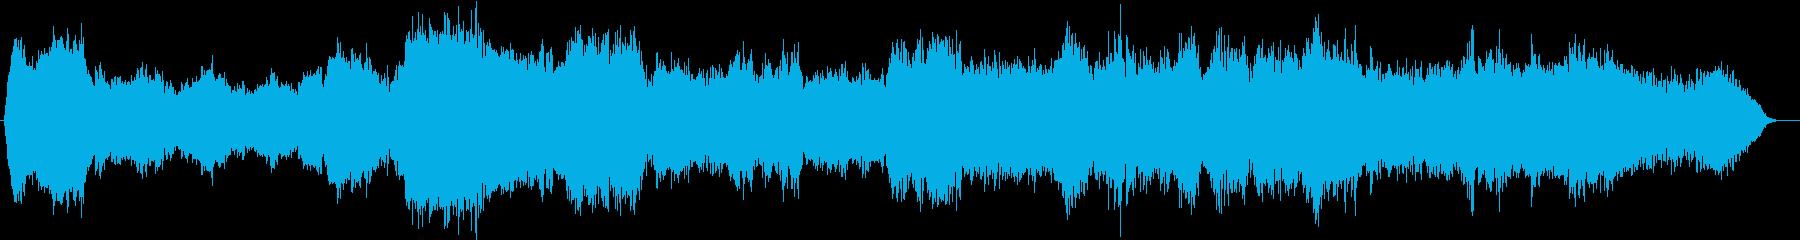 シンセパッドとピアノのアンビエントの再生済みの波形